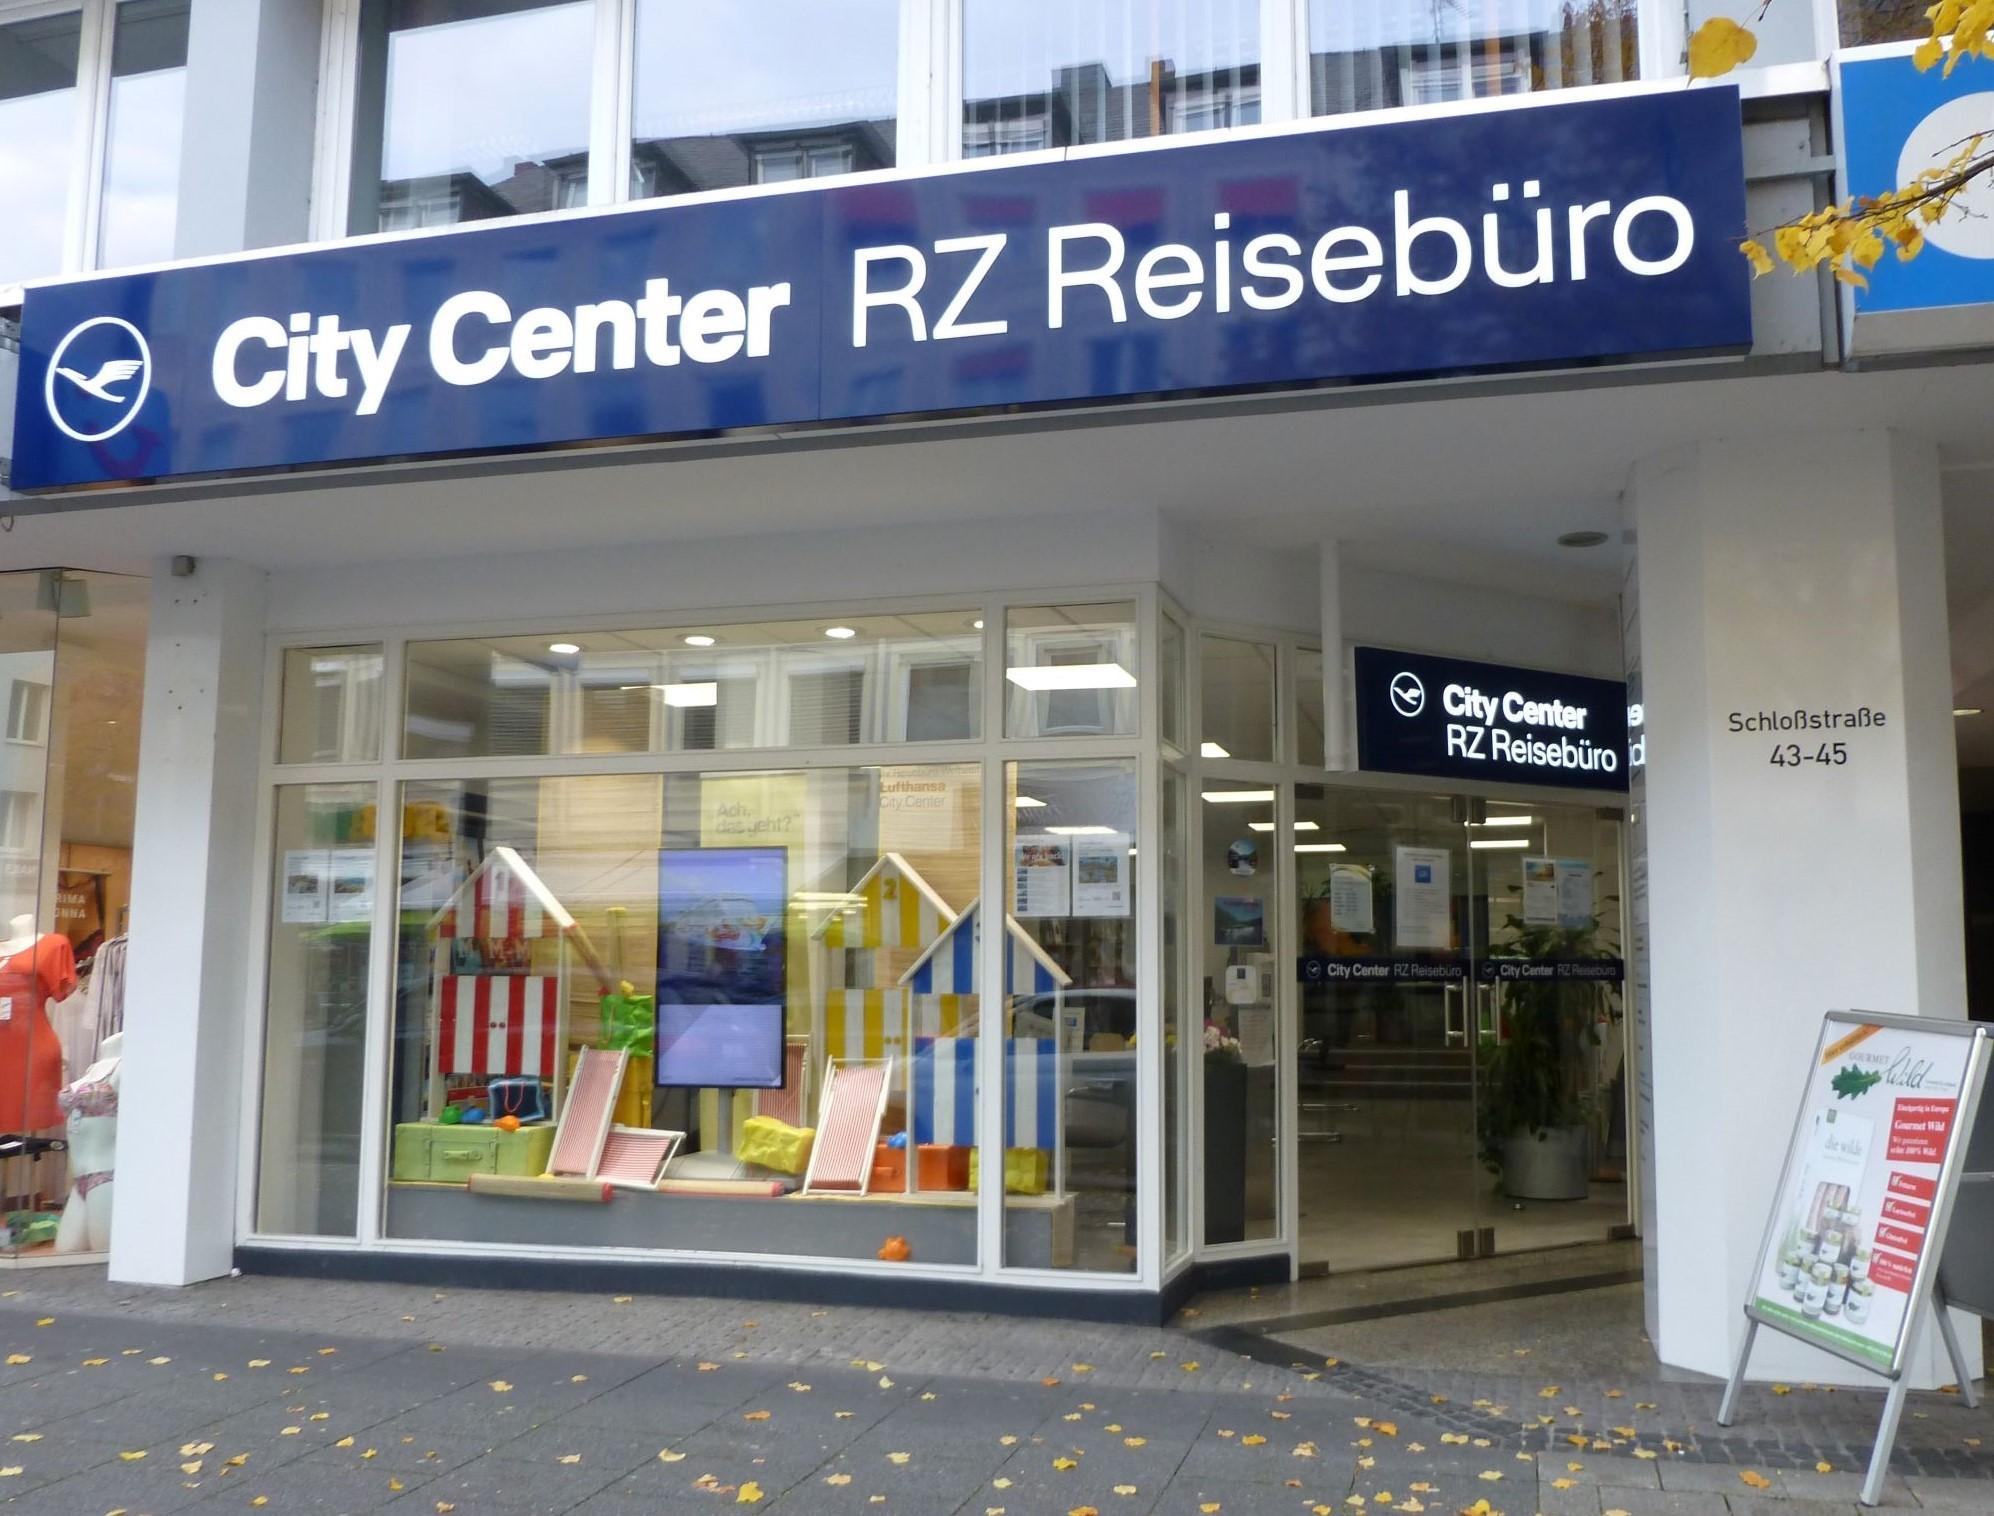 Reisebüro_RZ_Koblenz